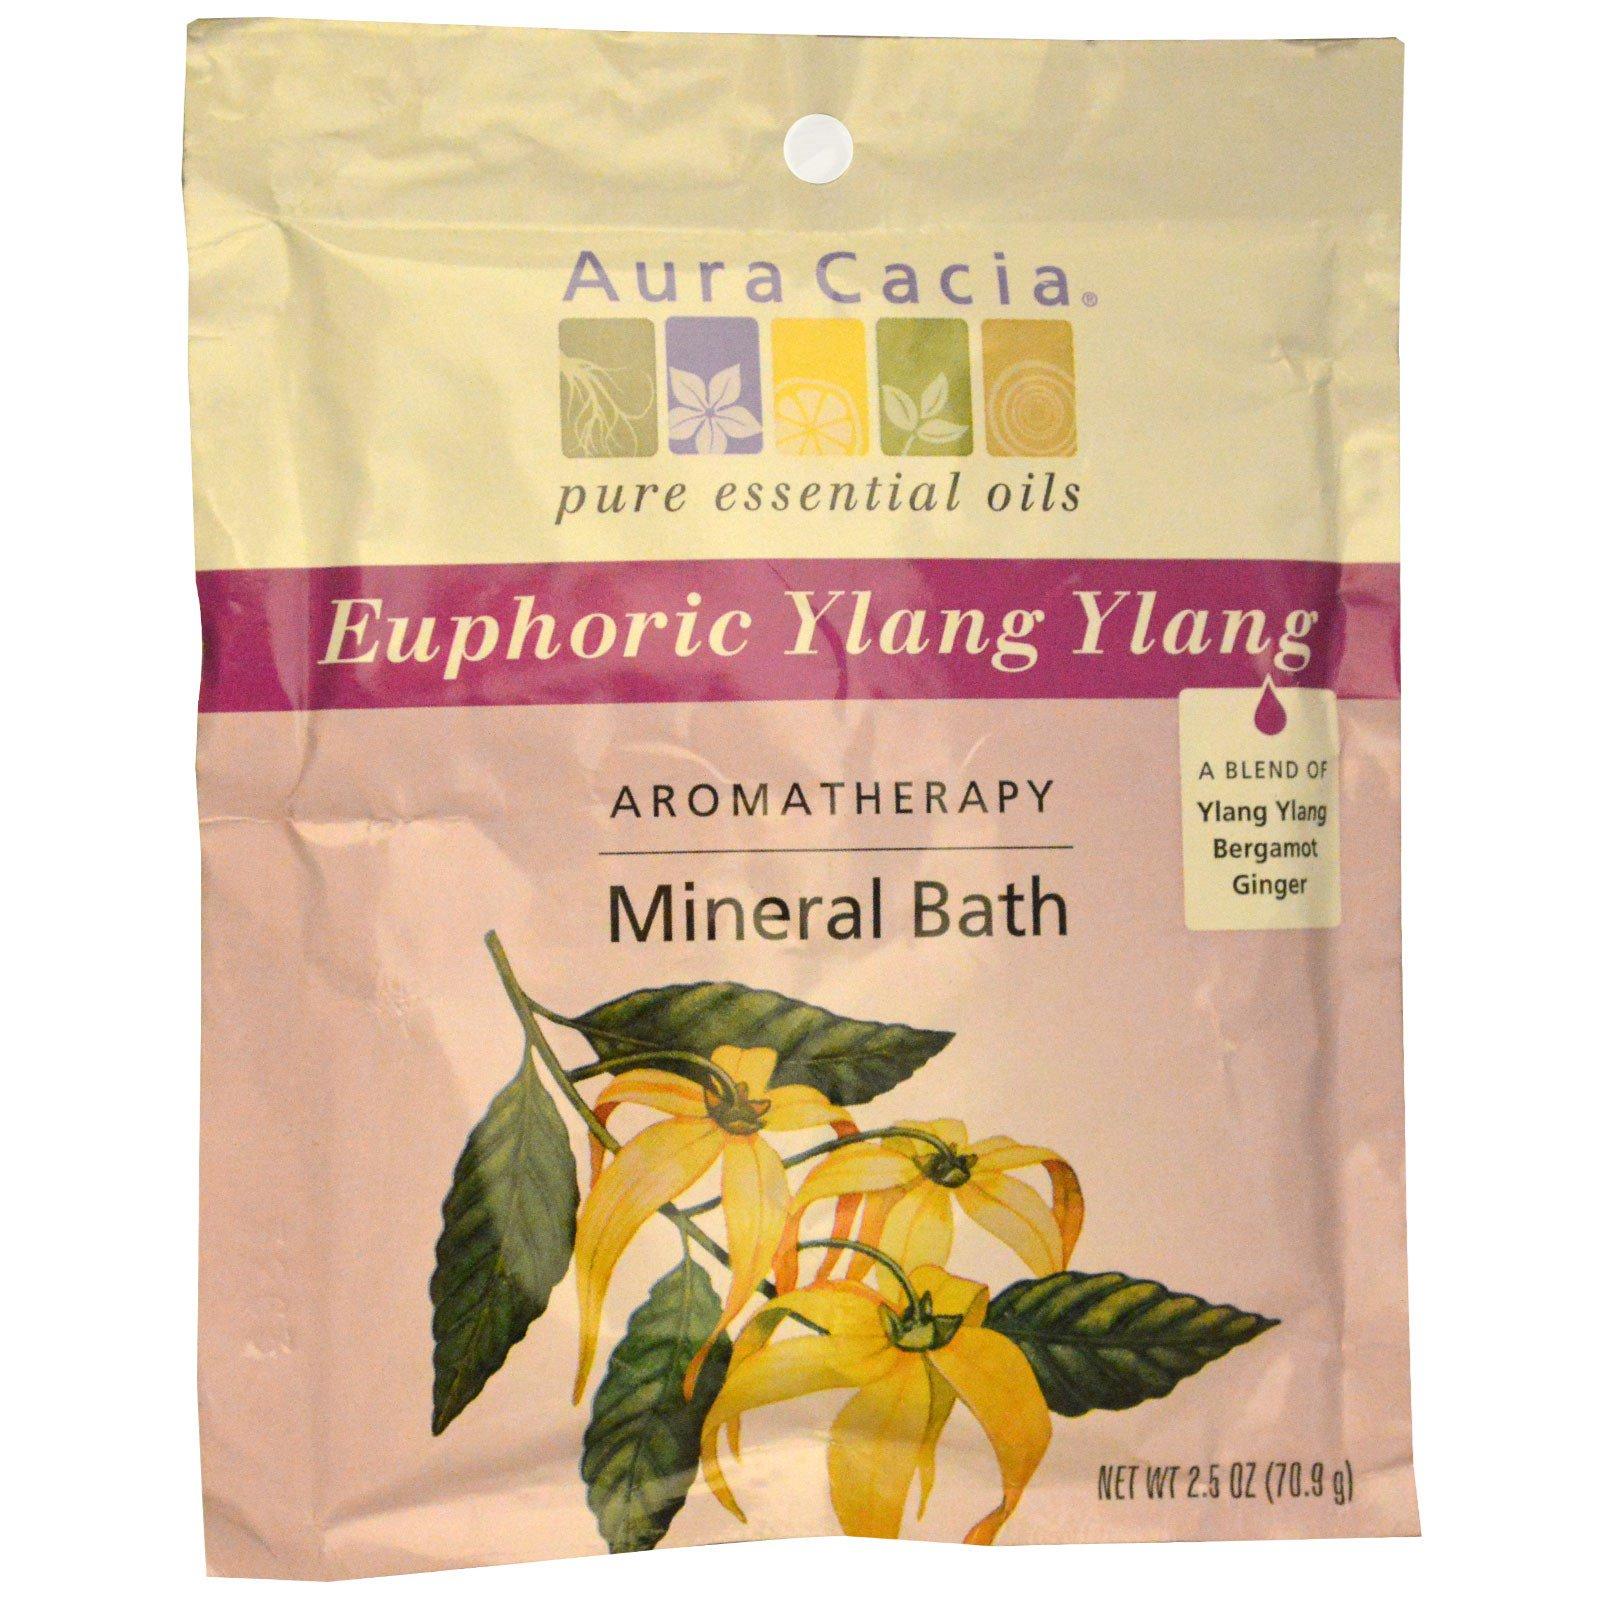 Aura Cacia, Ароматерапевтическая минеральная ванна, Euphoric Ylang Ylang, 70.9 г